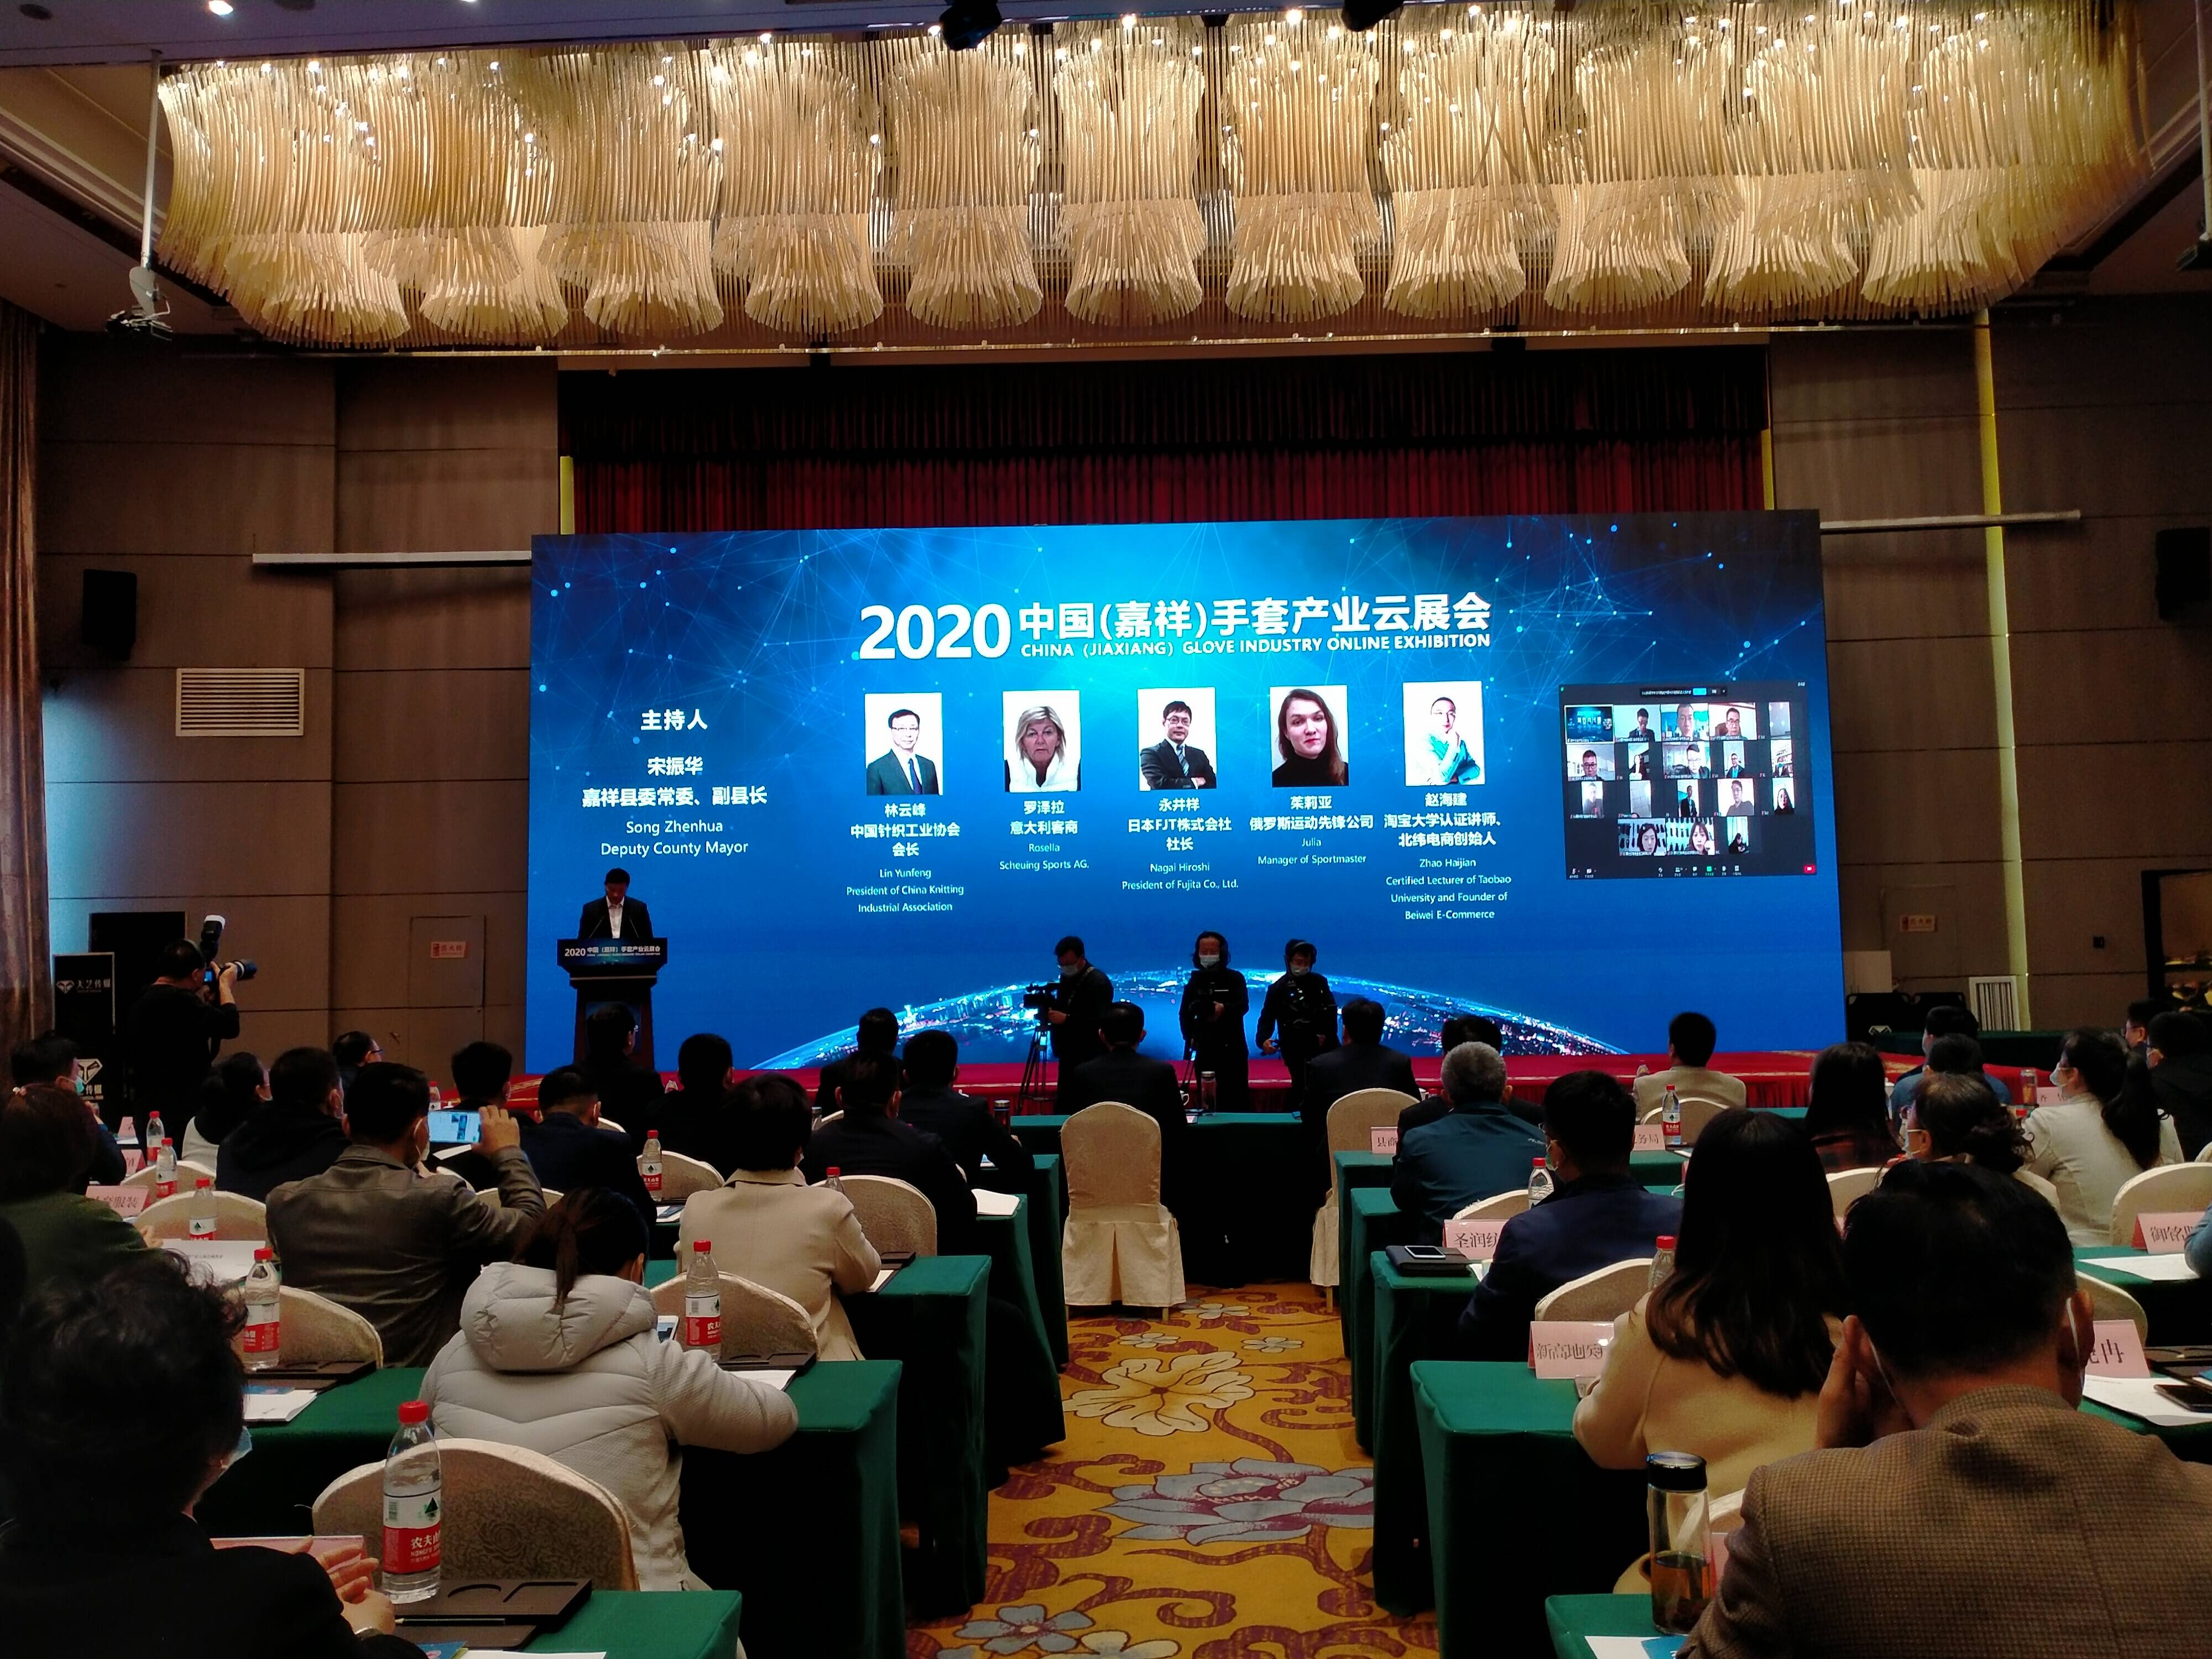 2020中国手套产业云展会在济宁嘉祥县举办